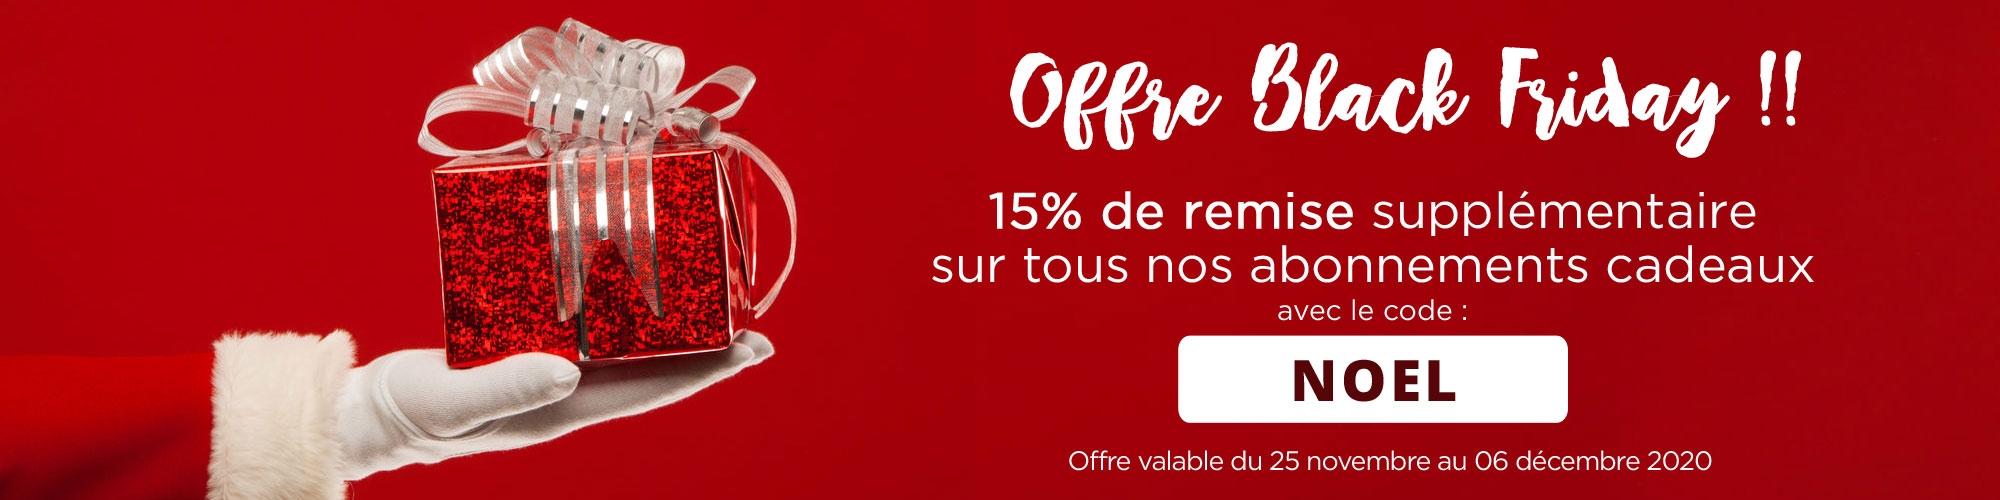 15% de remise supplémentaire sur nos abonnements cadeaux !